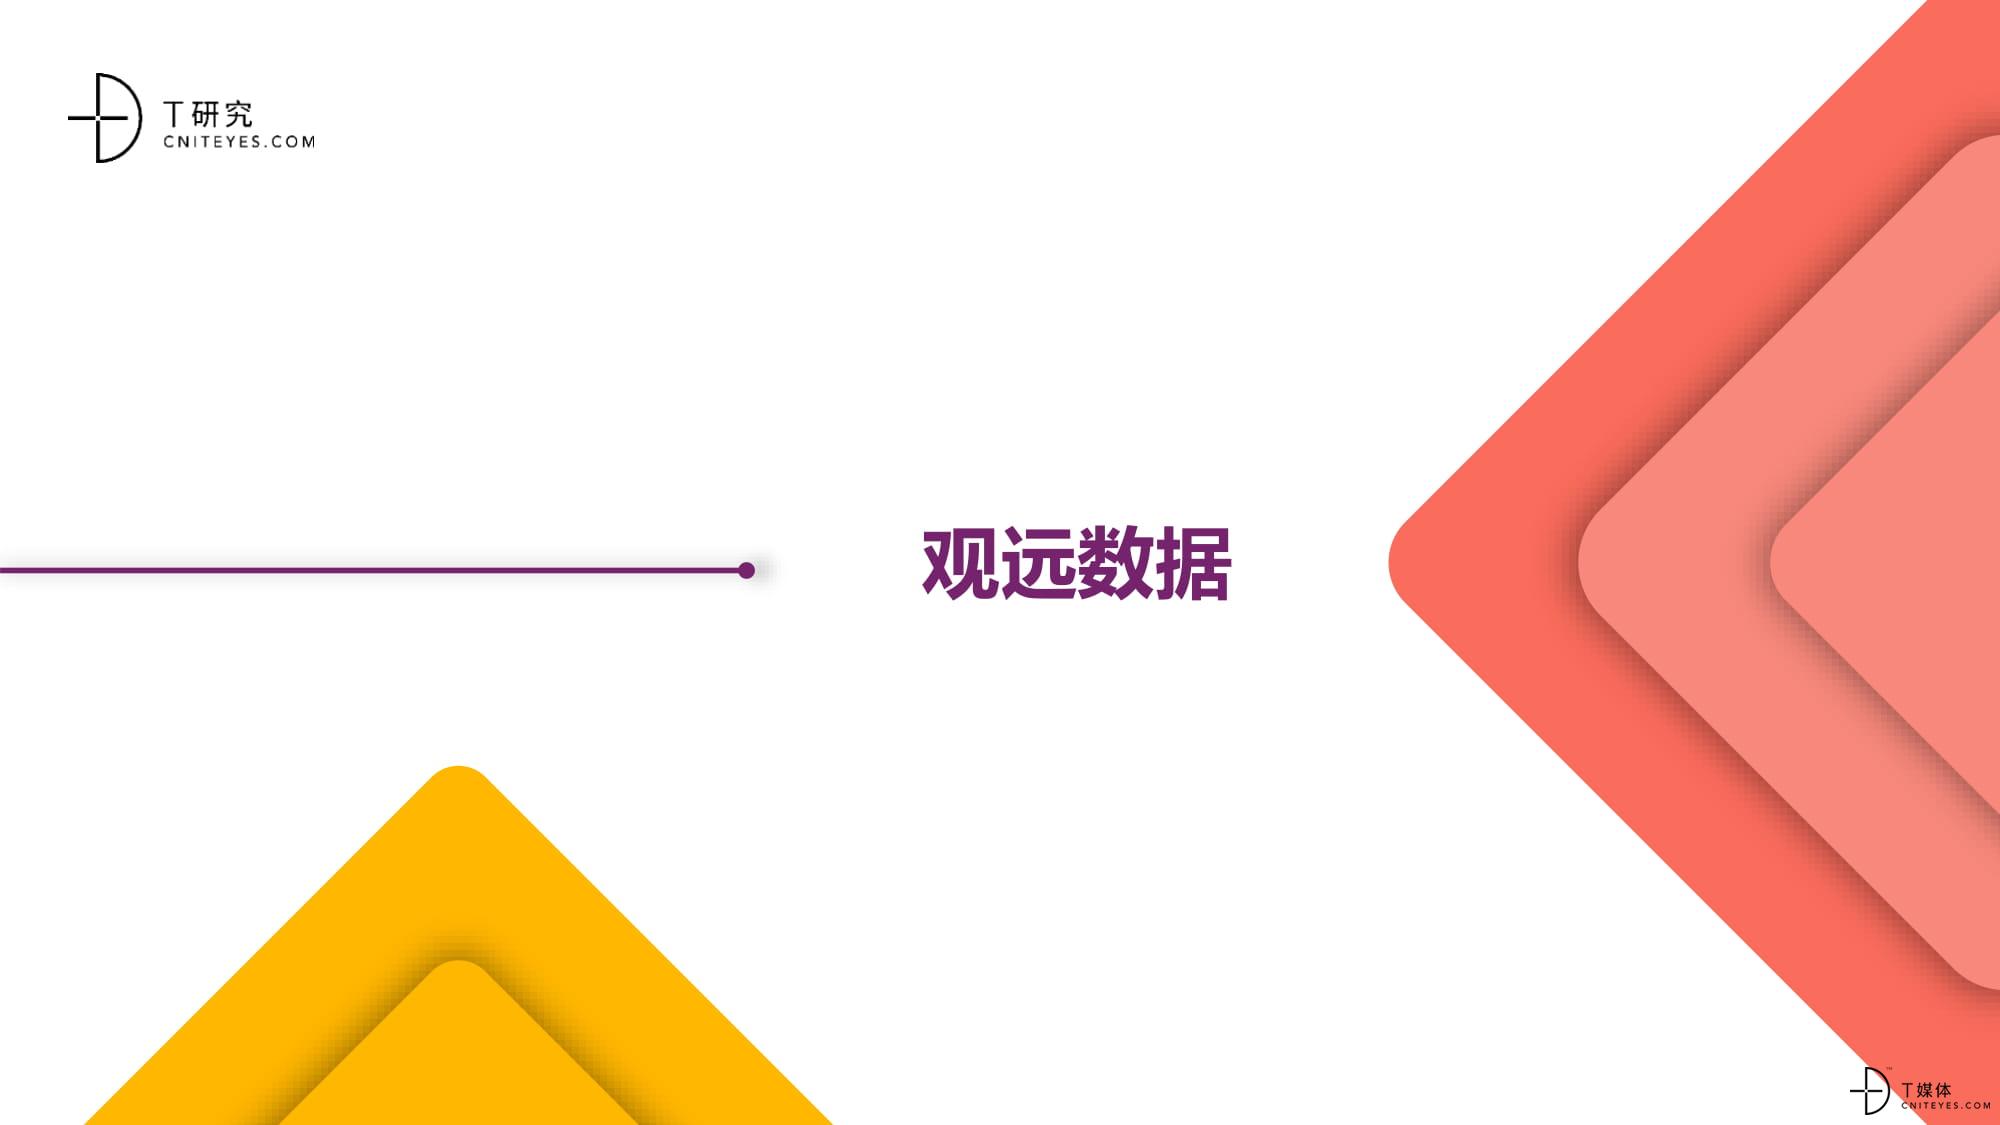 2020中国BI指数测评报告-24.jpg